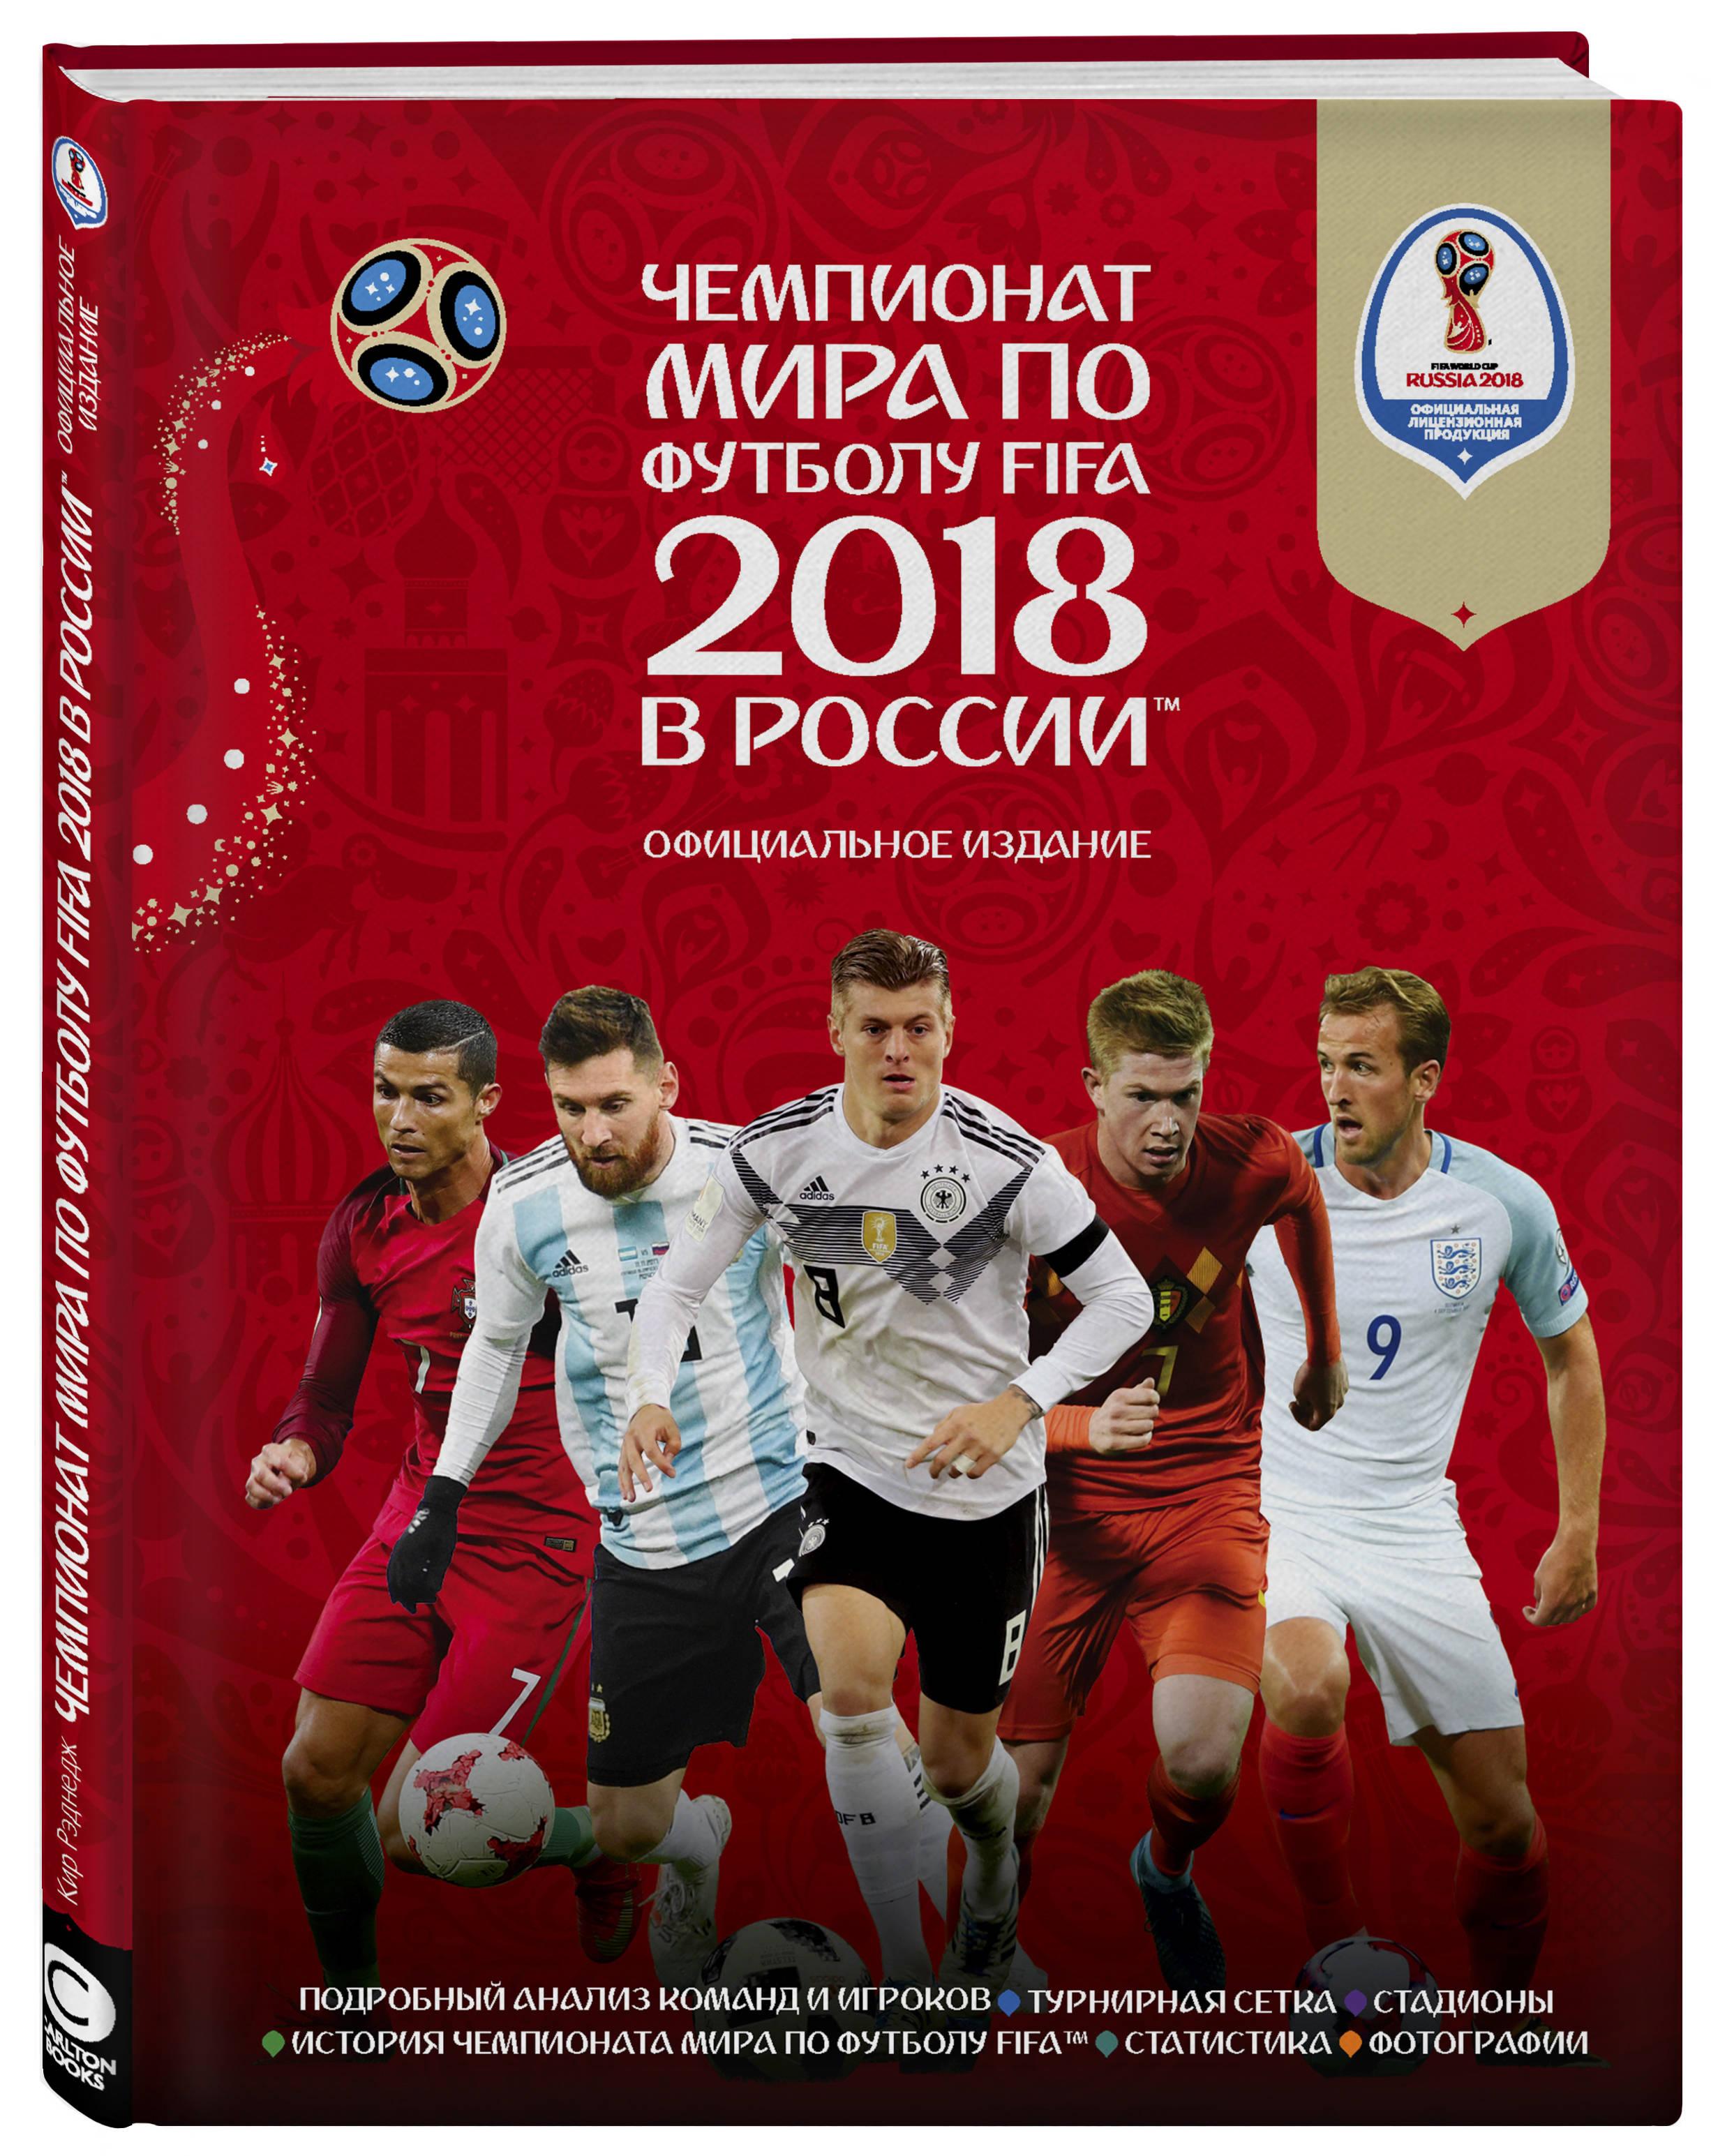 Рэднедж Кир Чемпионат мира по футболу FIFA 2018 в России™ Официальное издание цена